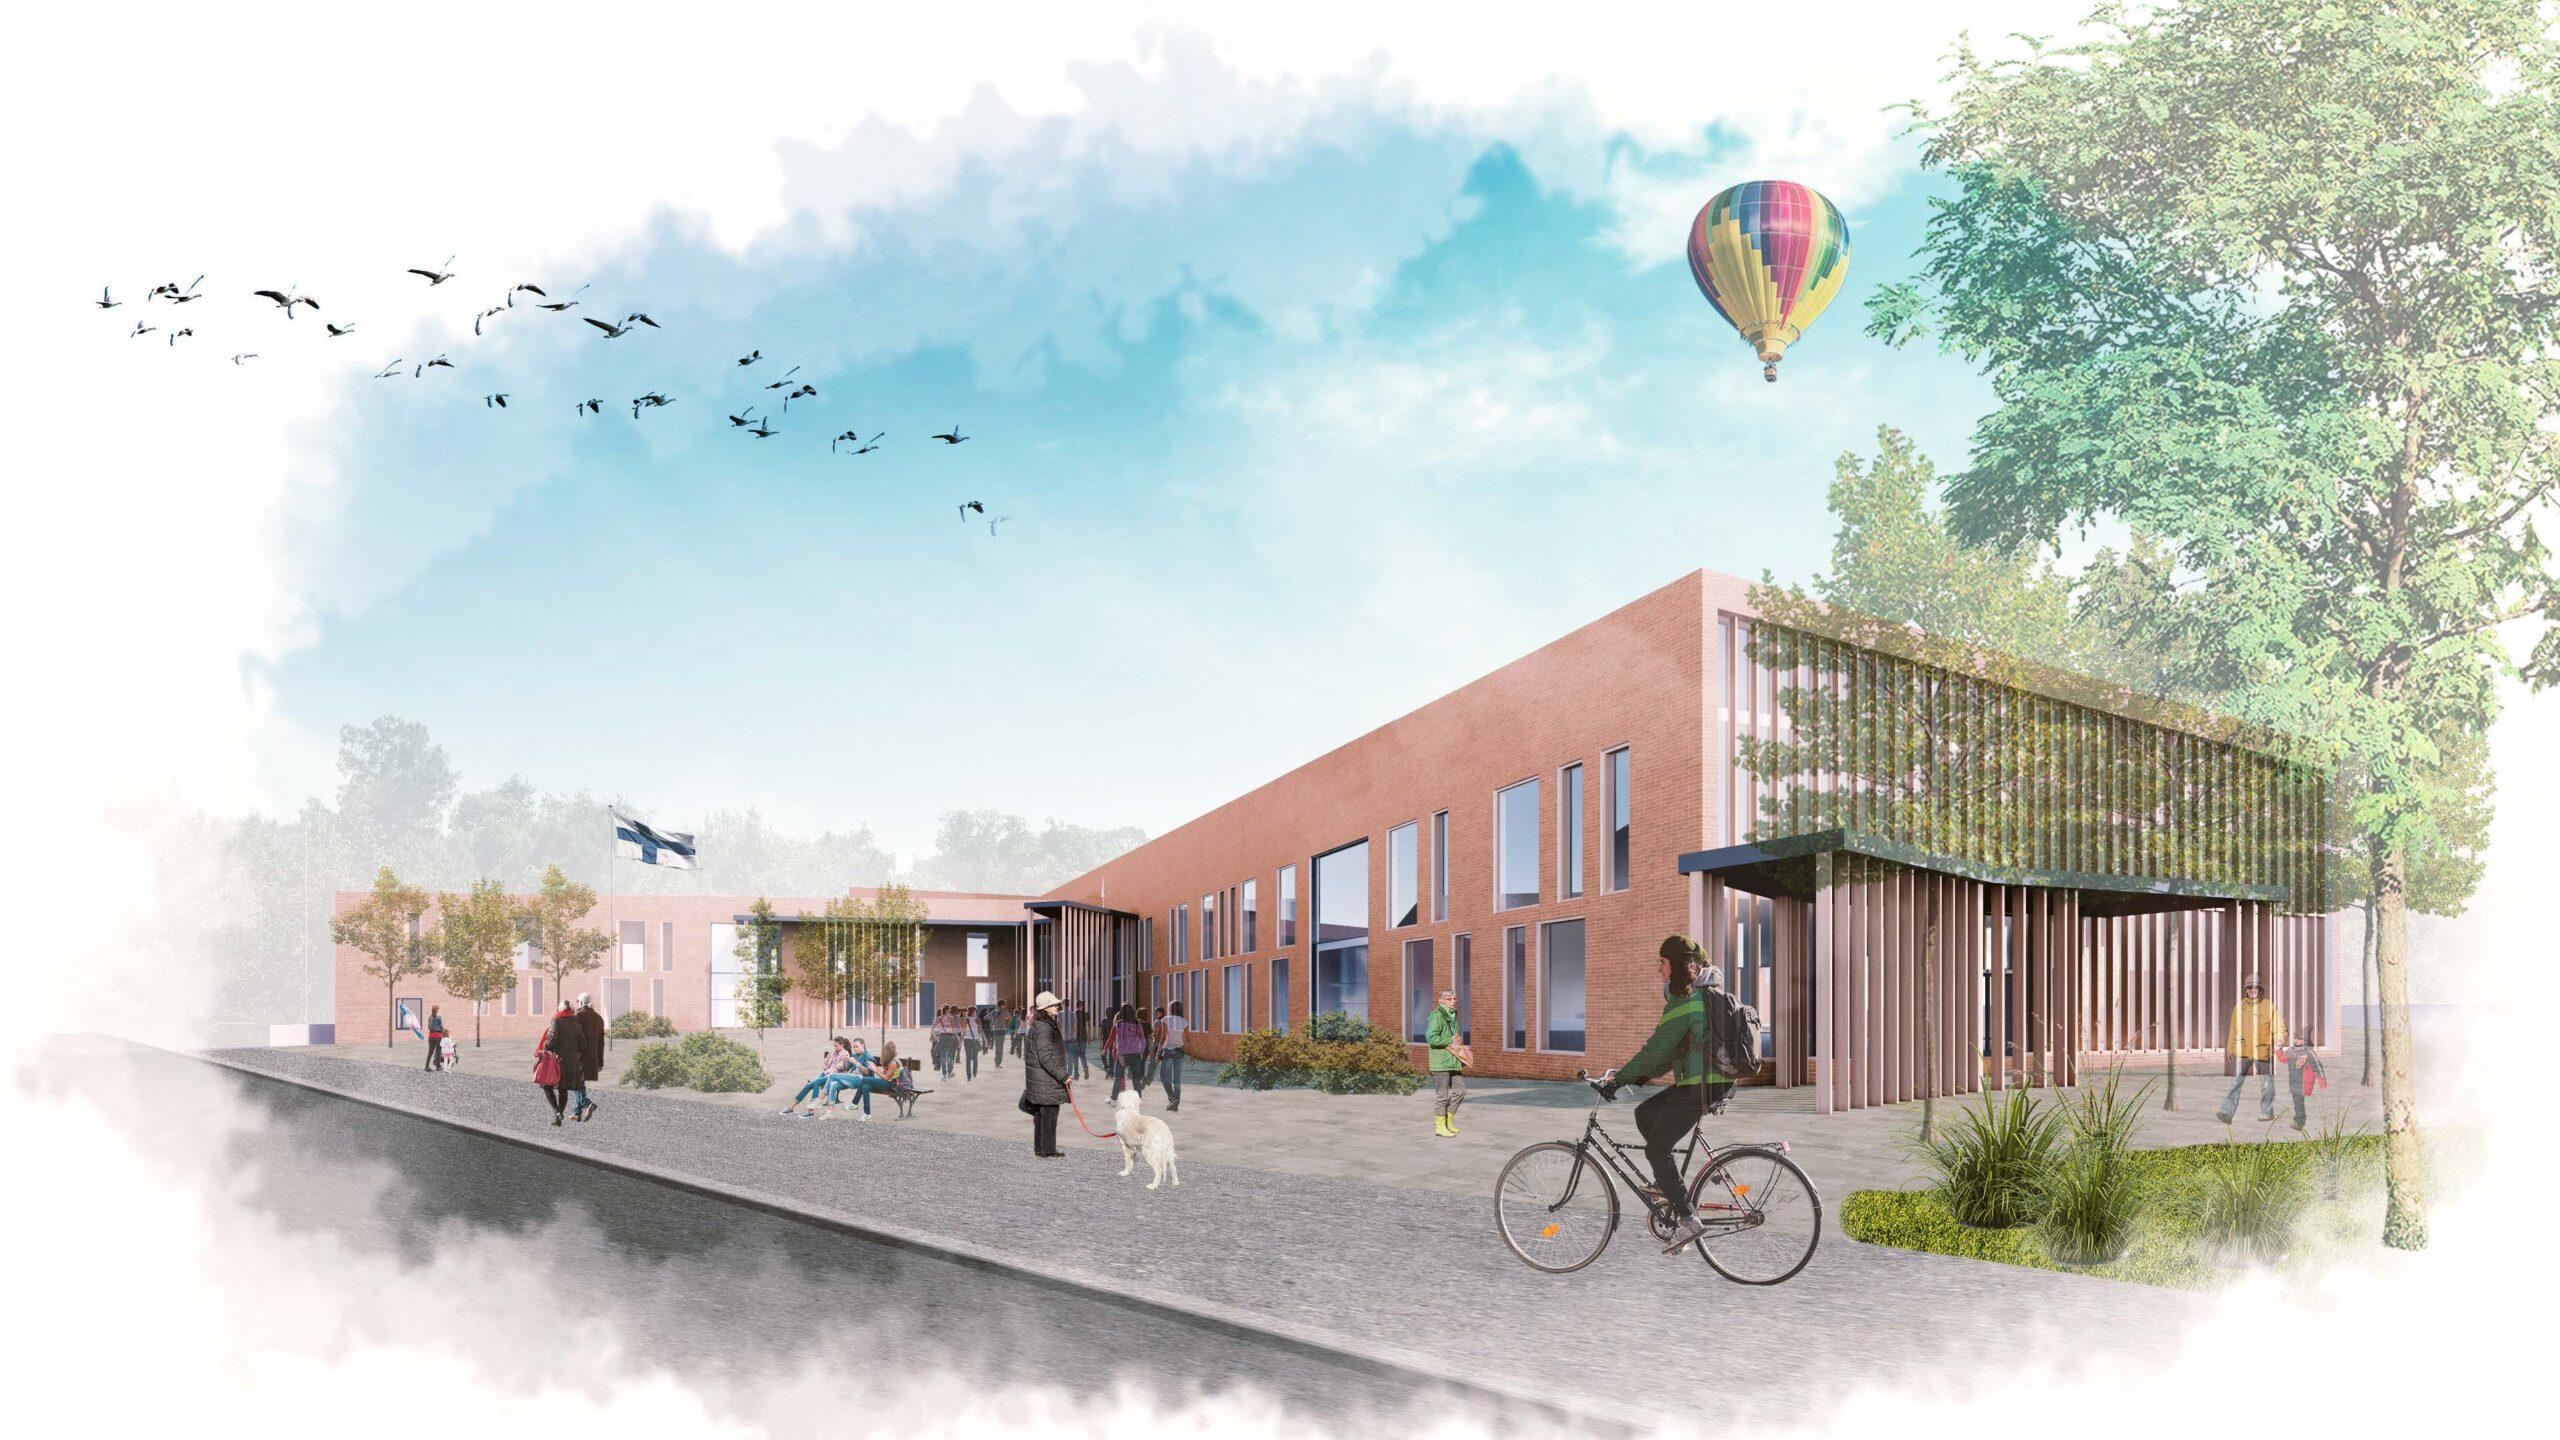 Havainnekuva Tuusulan Rykmentinpuistoon suunnitellusta monitoimikampuksesta. Piirrosmaisessa kuvassa on keskellä moderni koulurakennus, jonka edessä ihmiset parveilevat. Taivaalla on kuumailmapallo ja kuvan vasemmassa laidassa lintuparvi.